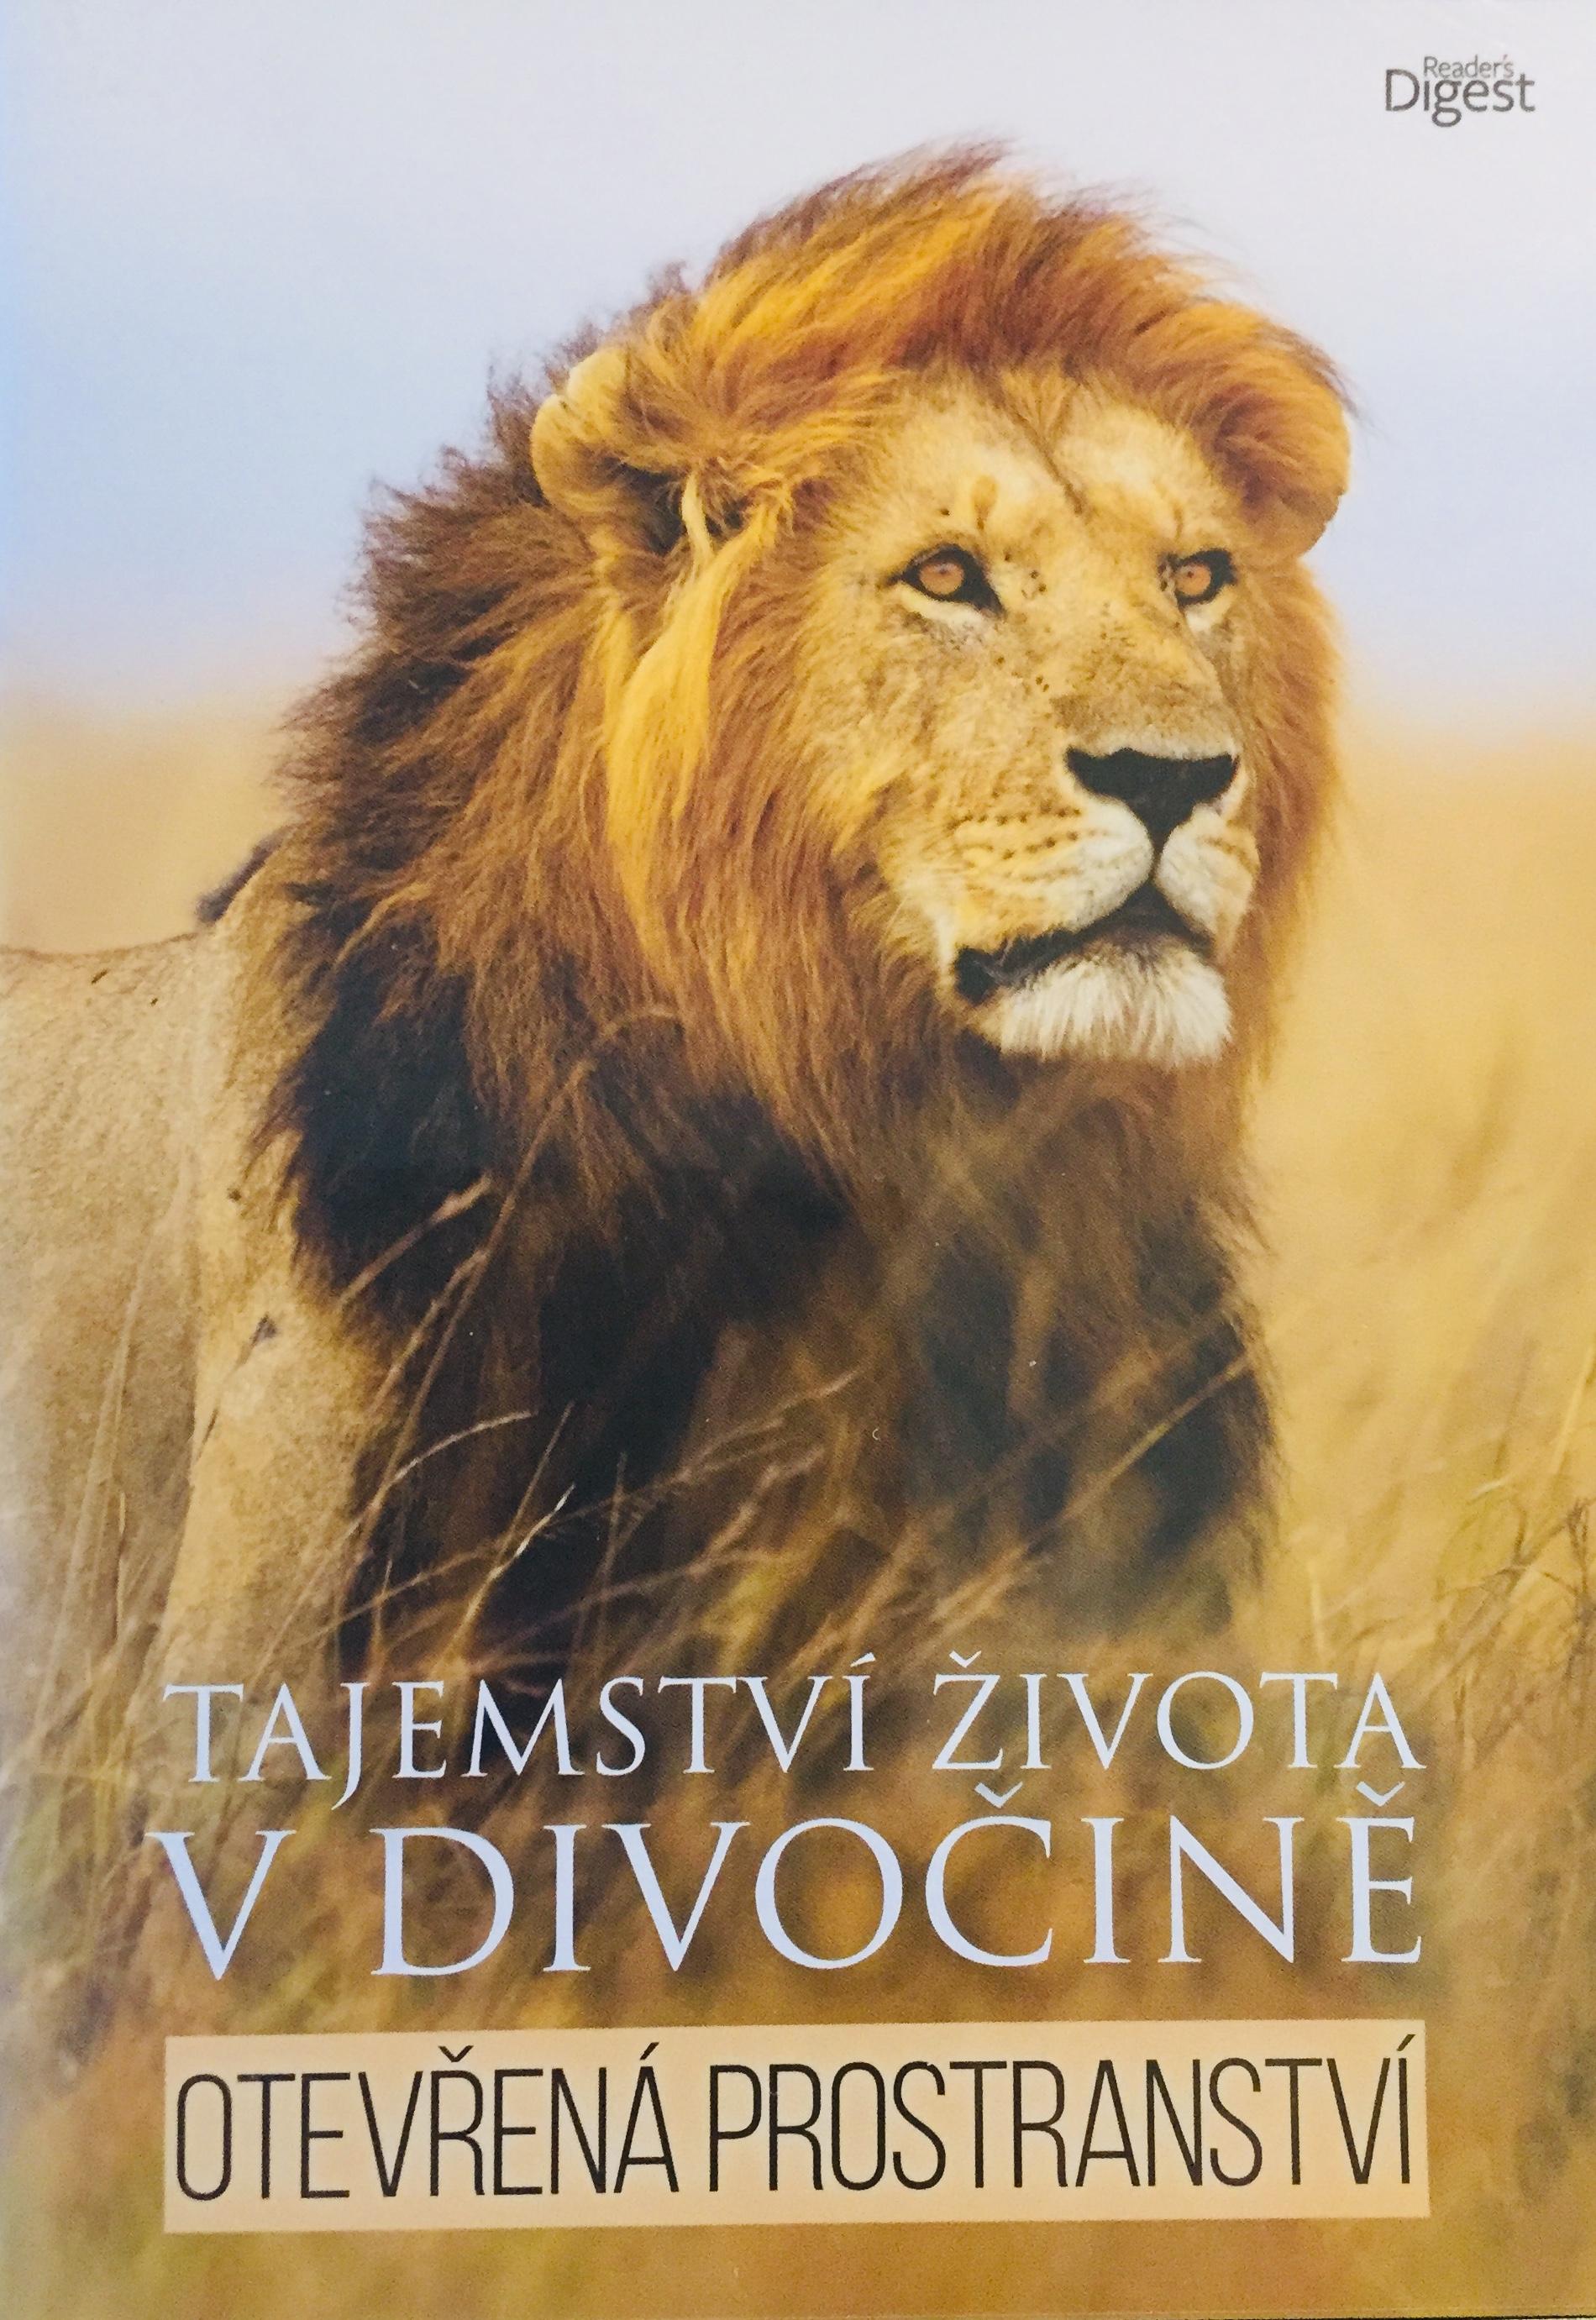 Tajemství života v divočině - Otevřená prostranství - DVD /plast/